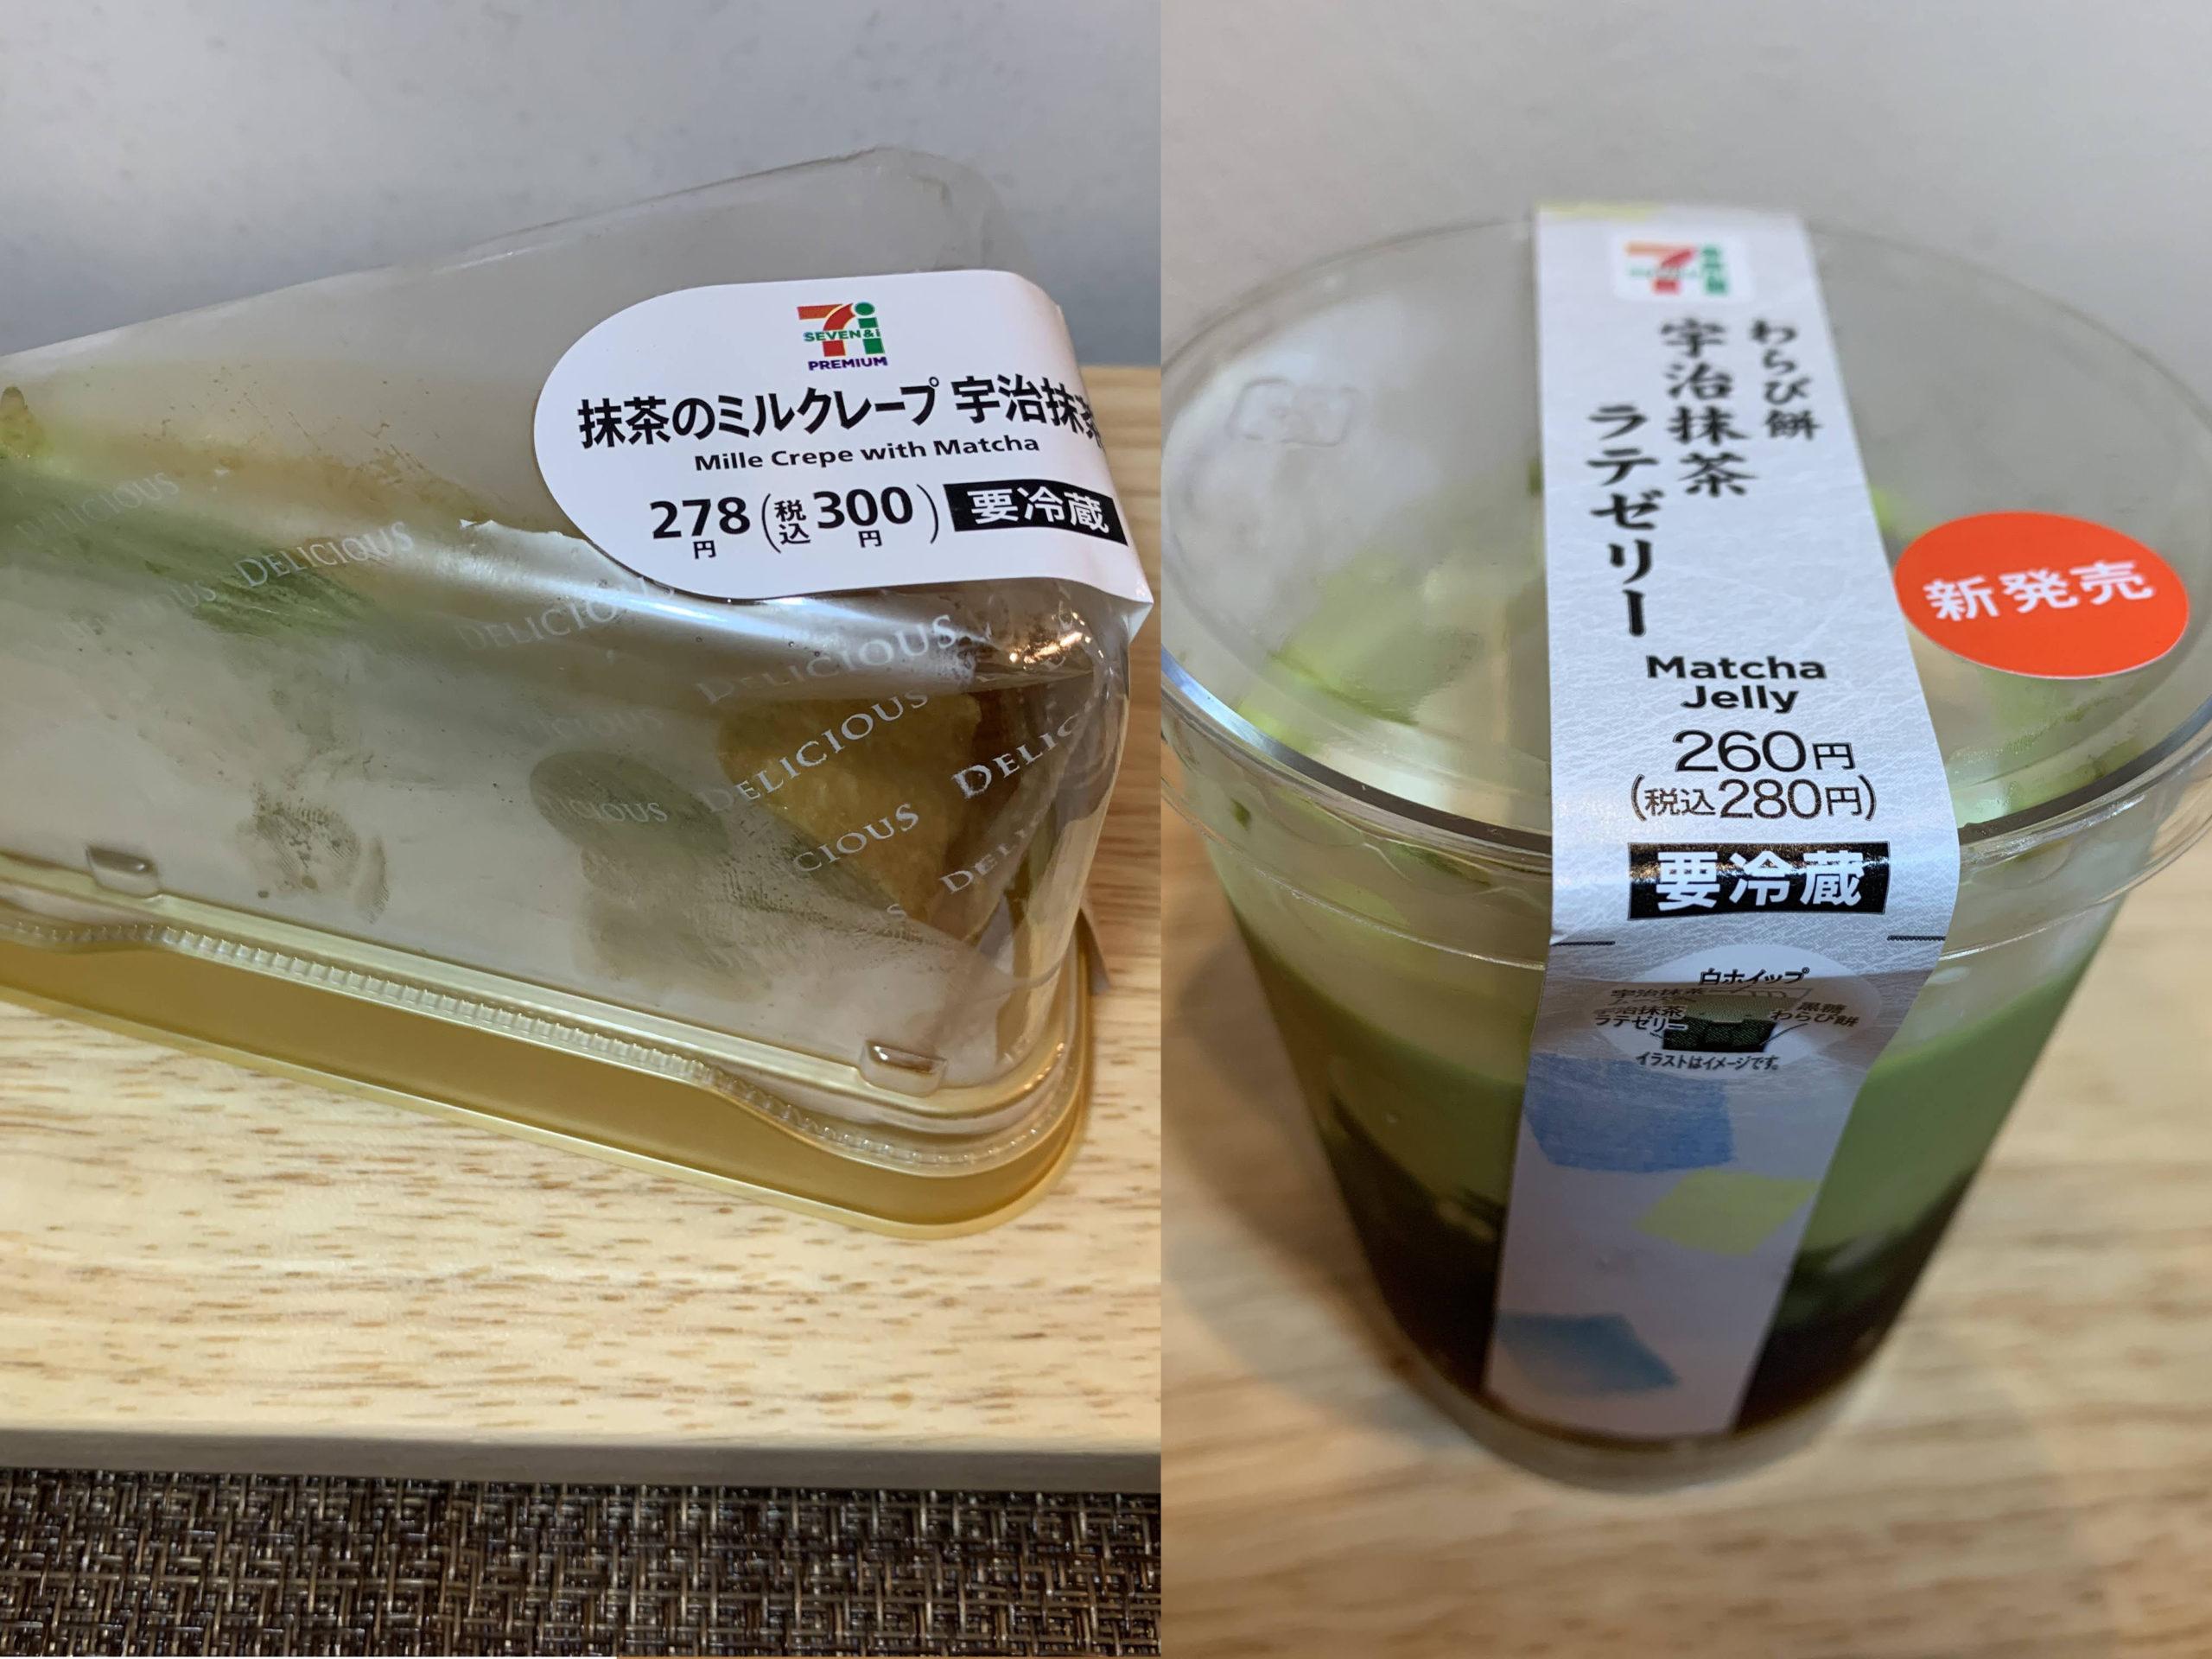 セブンの抹茶スイーツ2選食べ比べ:抹茶のミルククレープ宇治抹茶&わらび餅宇治抹茶ラテゼリー